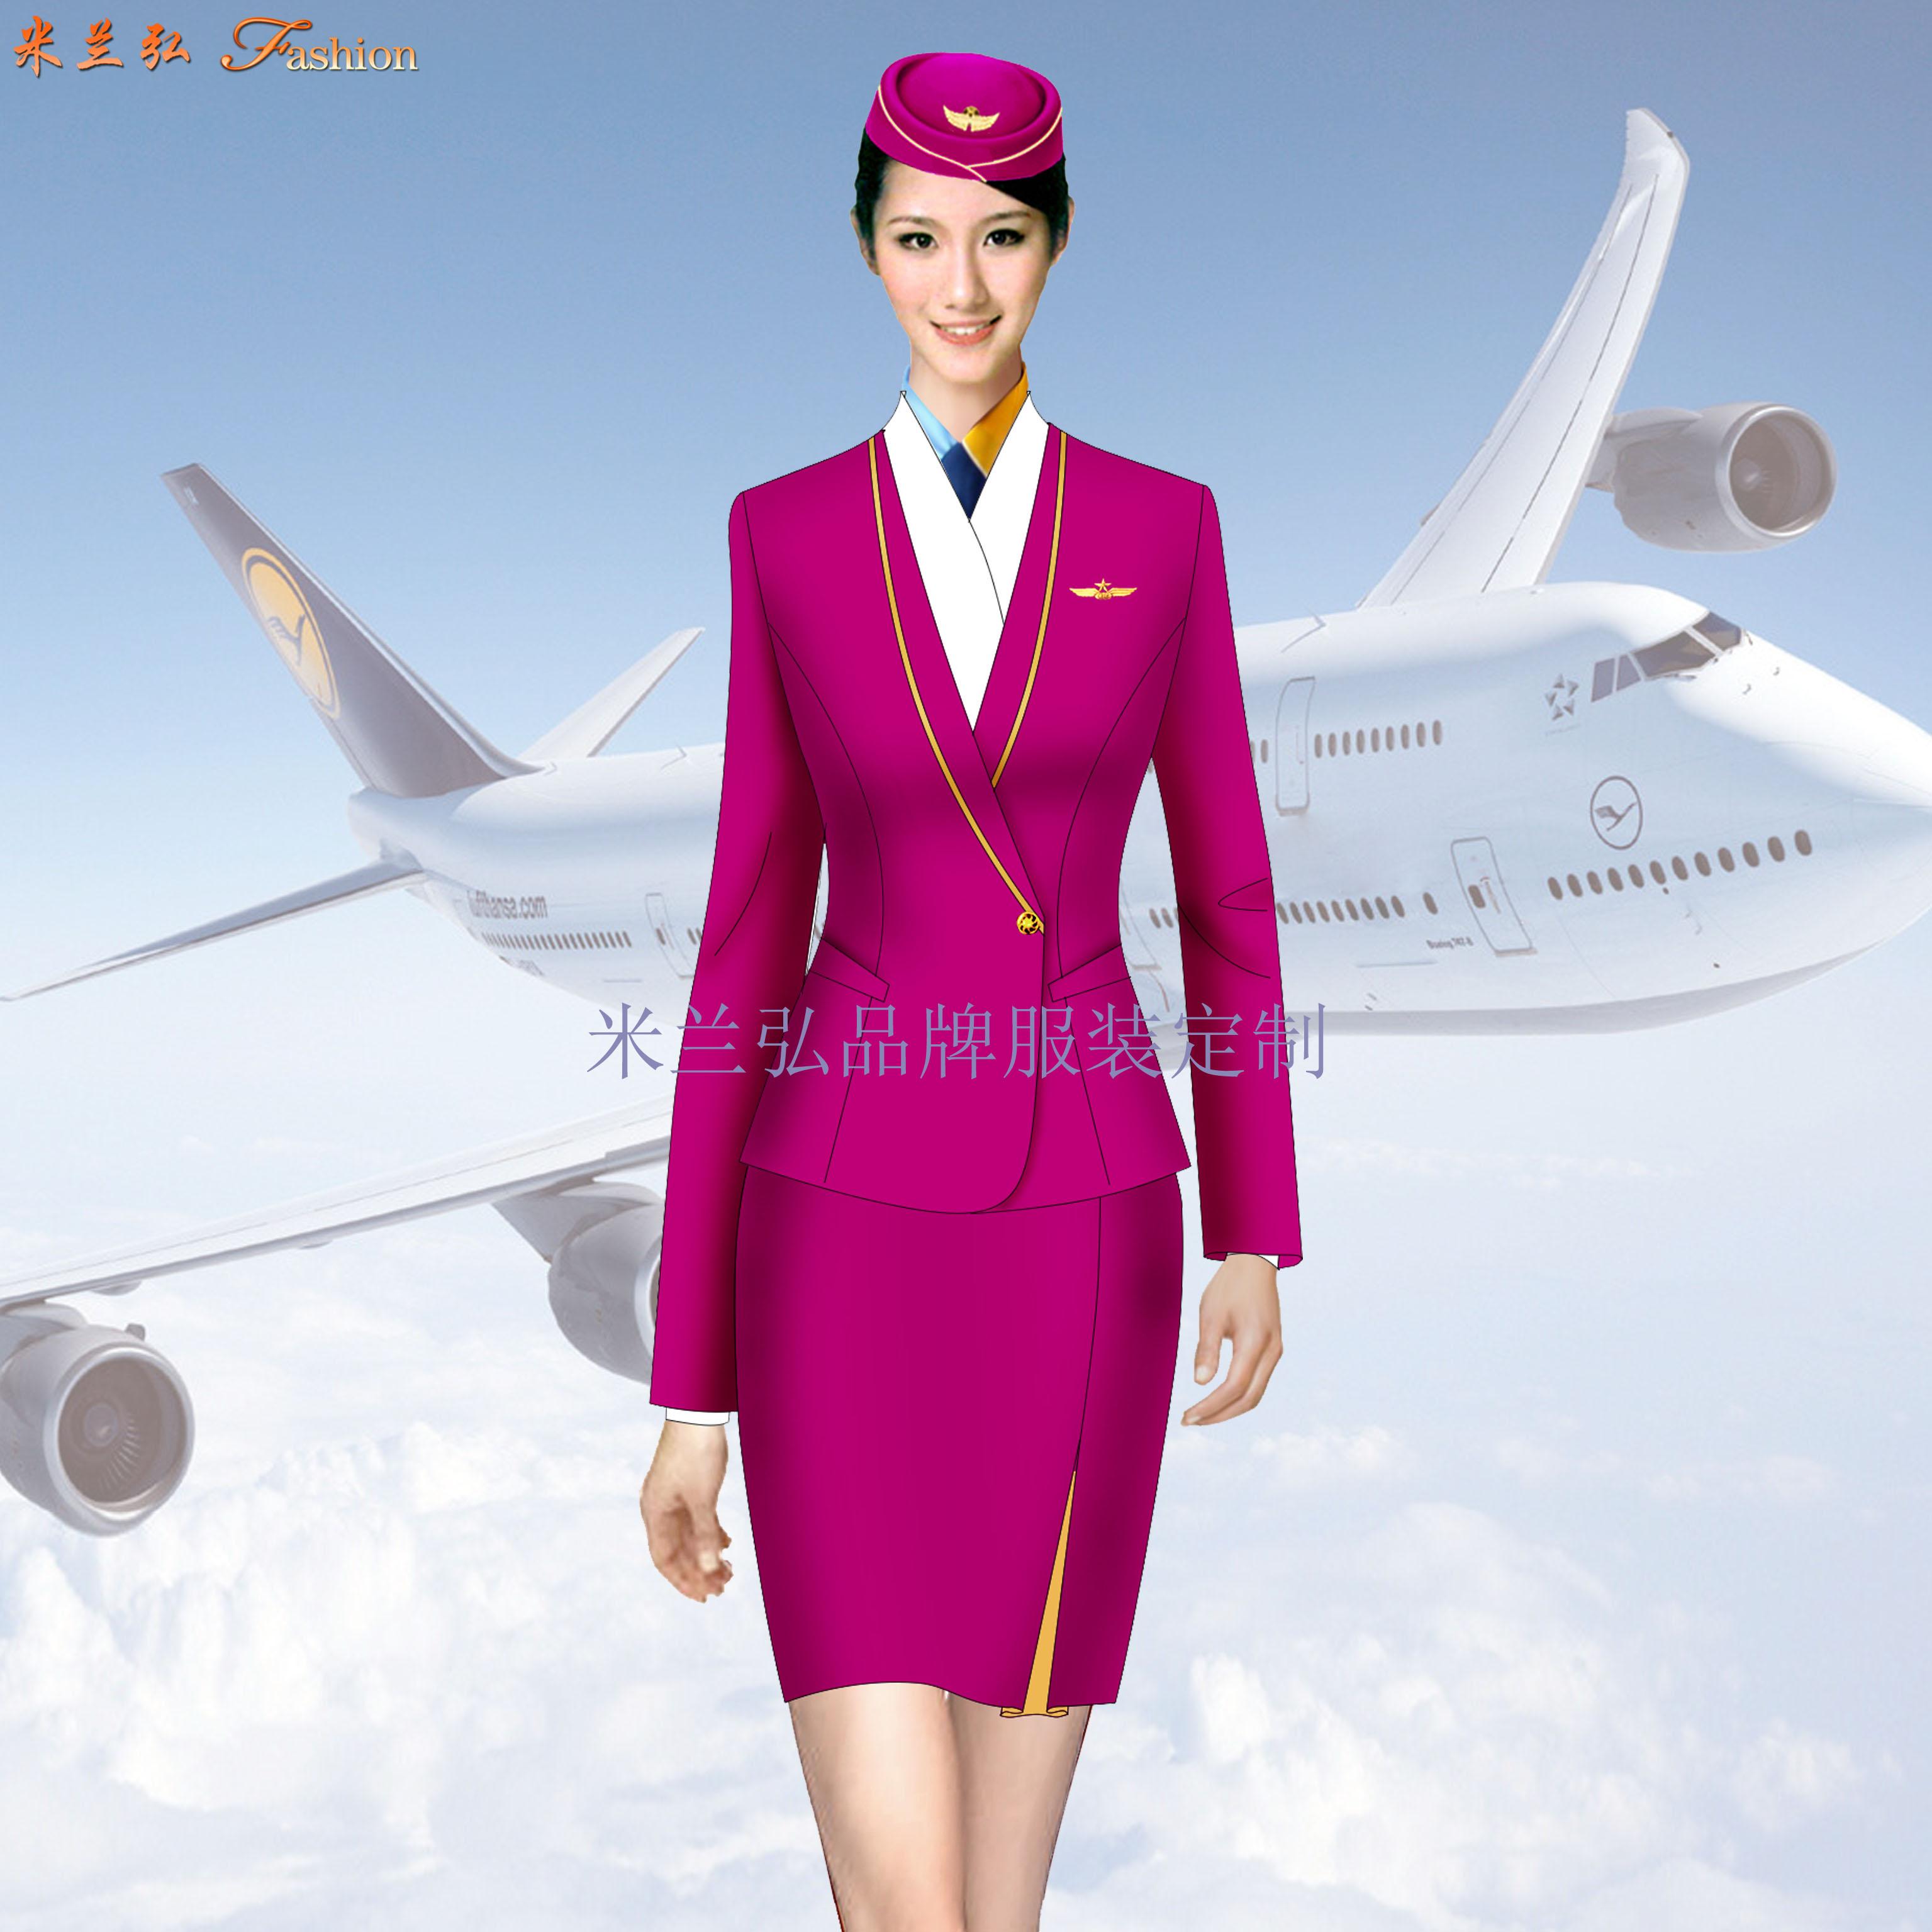 「女裝空姐服定做」定做空姐服廠家-米蘭弘品牌服裝-4